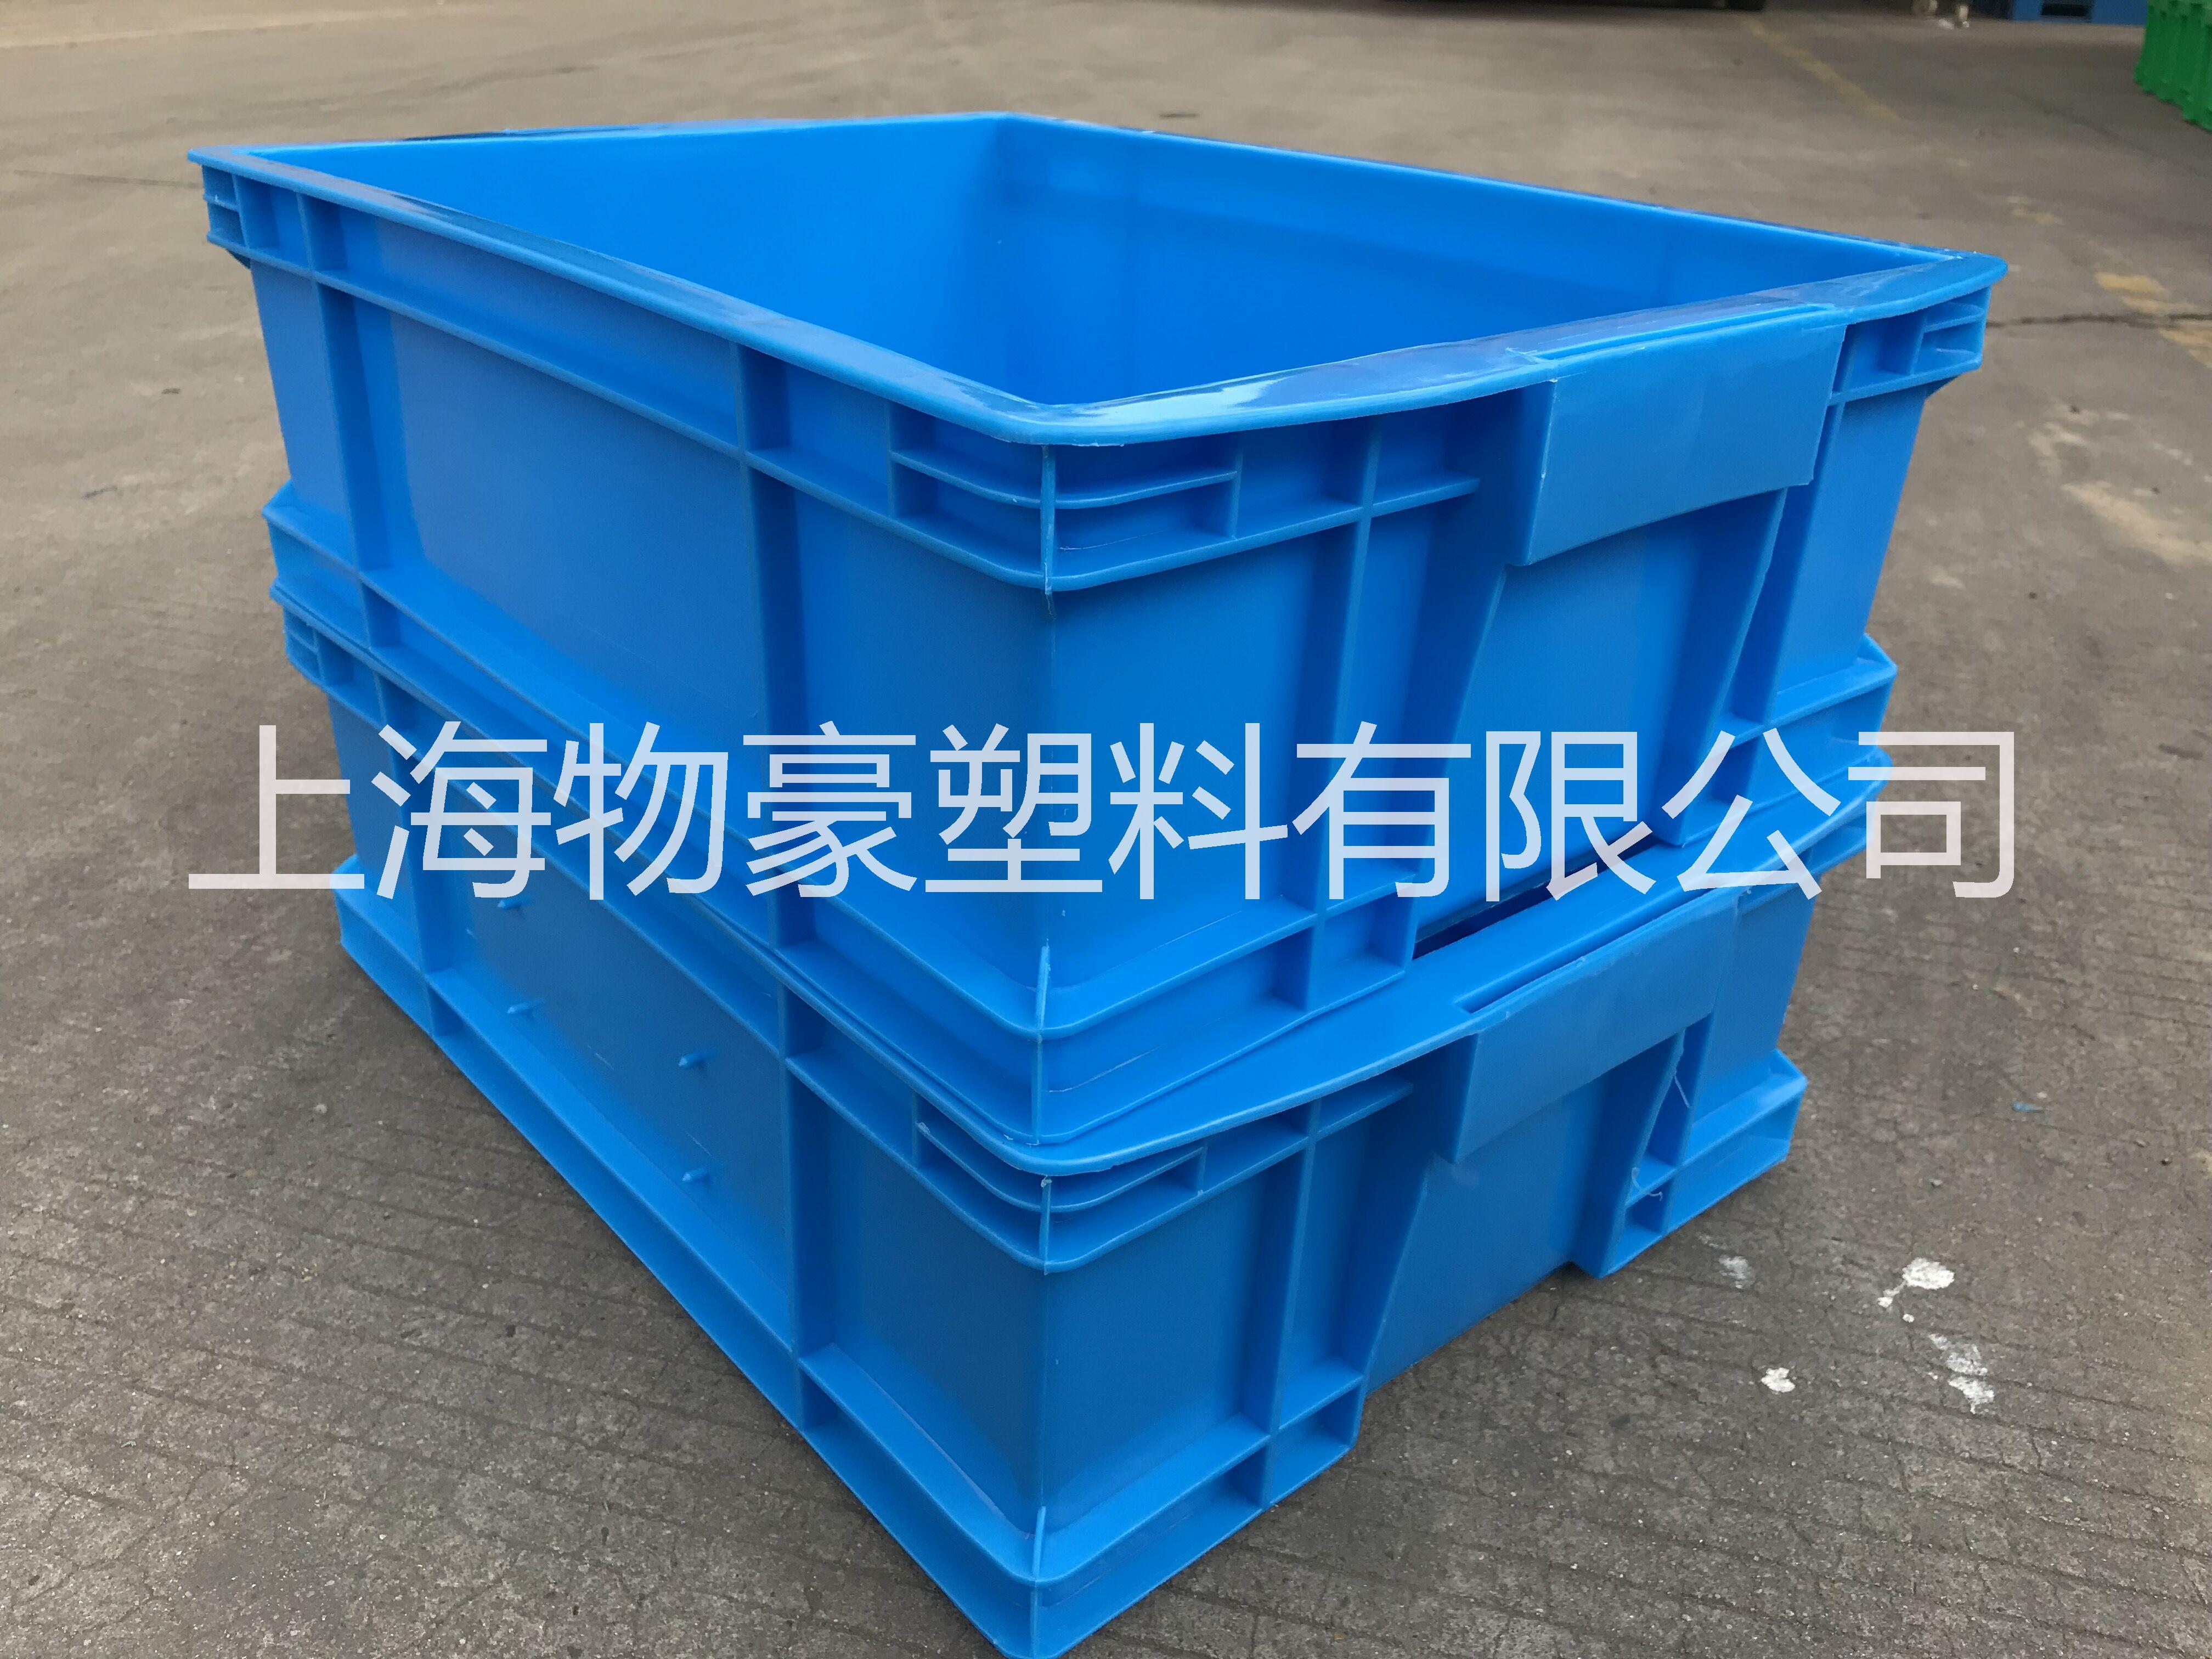 上海塑料箱厂家直销 食品级塑料周转箱 全新料塑料周转箱  450系列全新料塑料周转箱可配盖